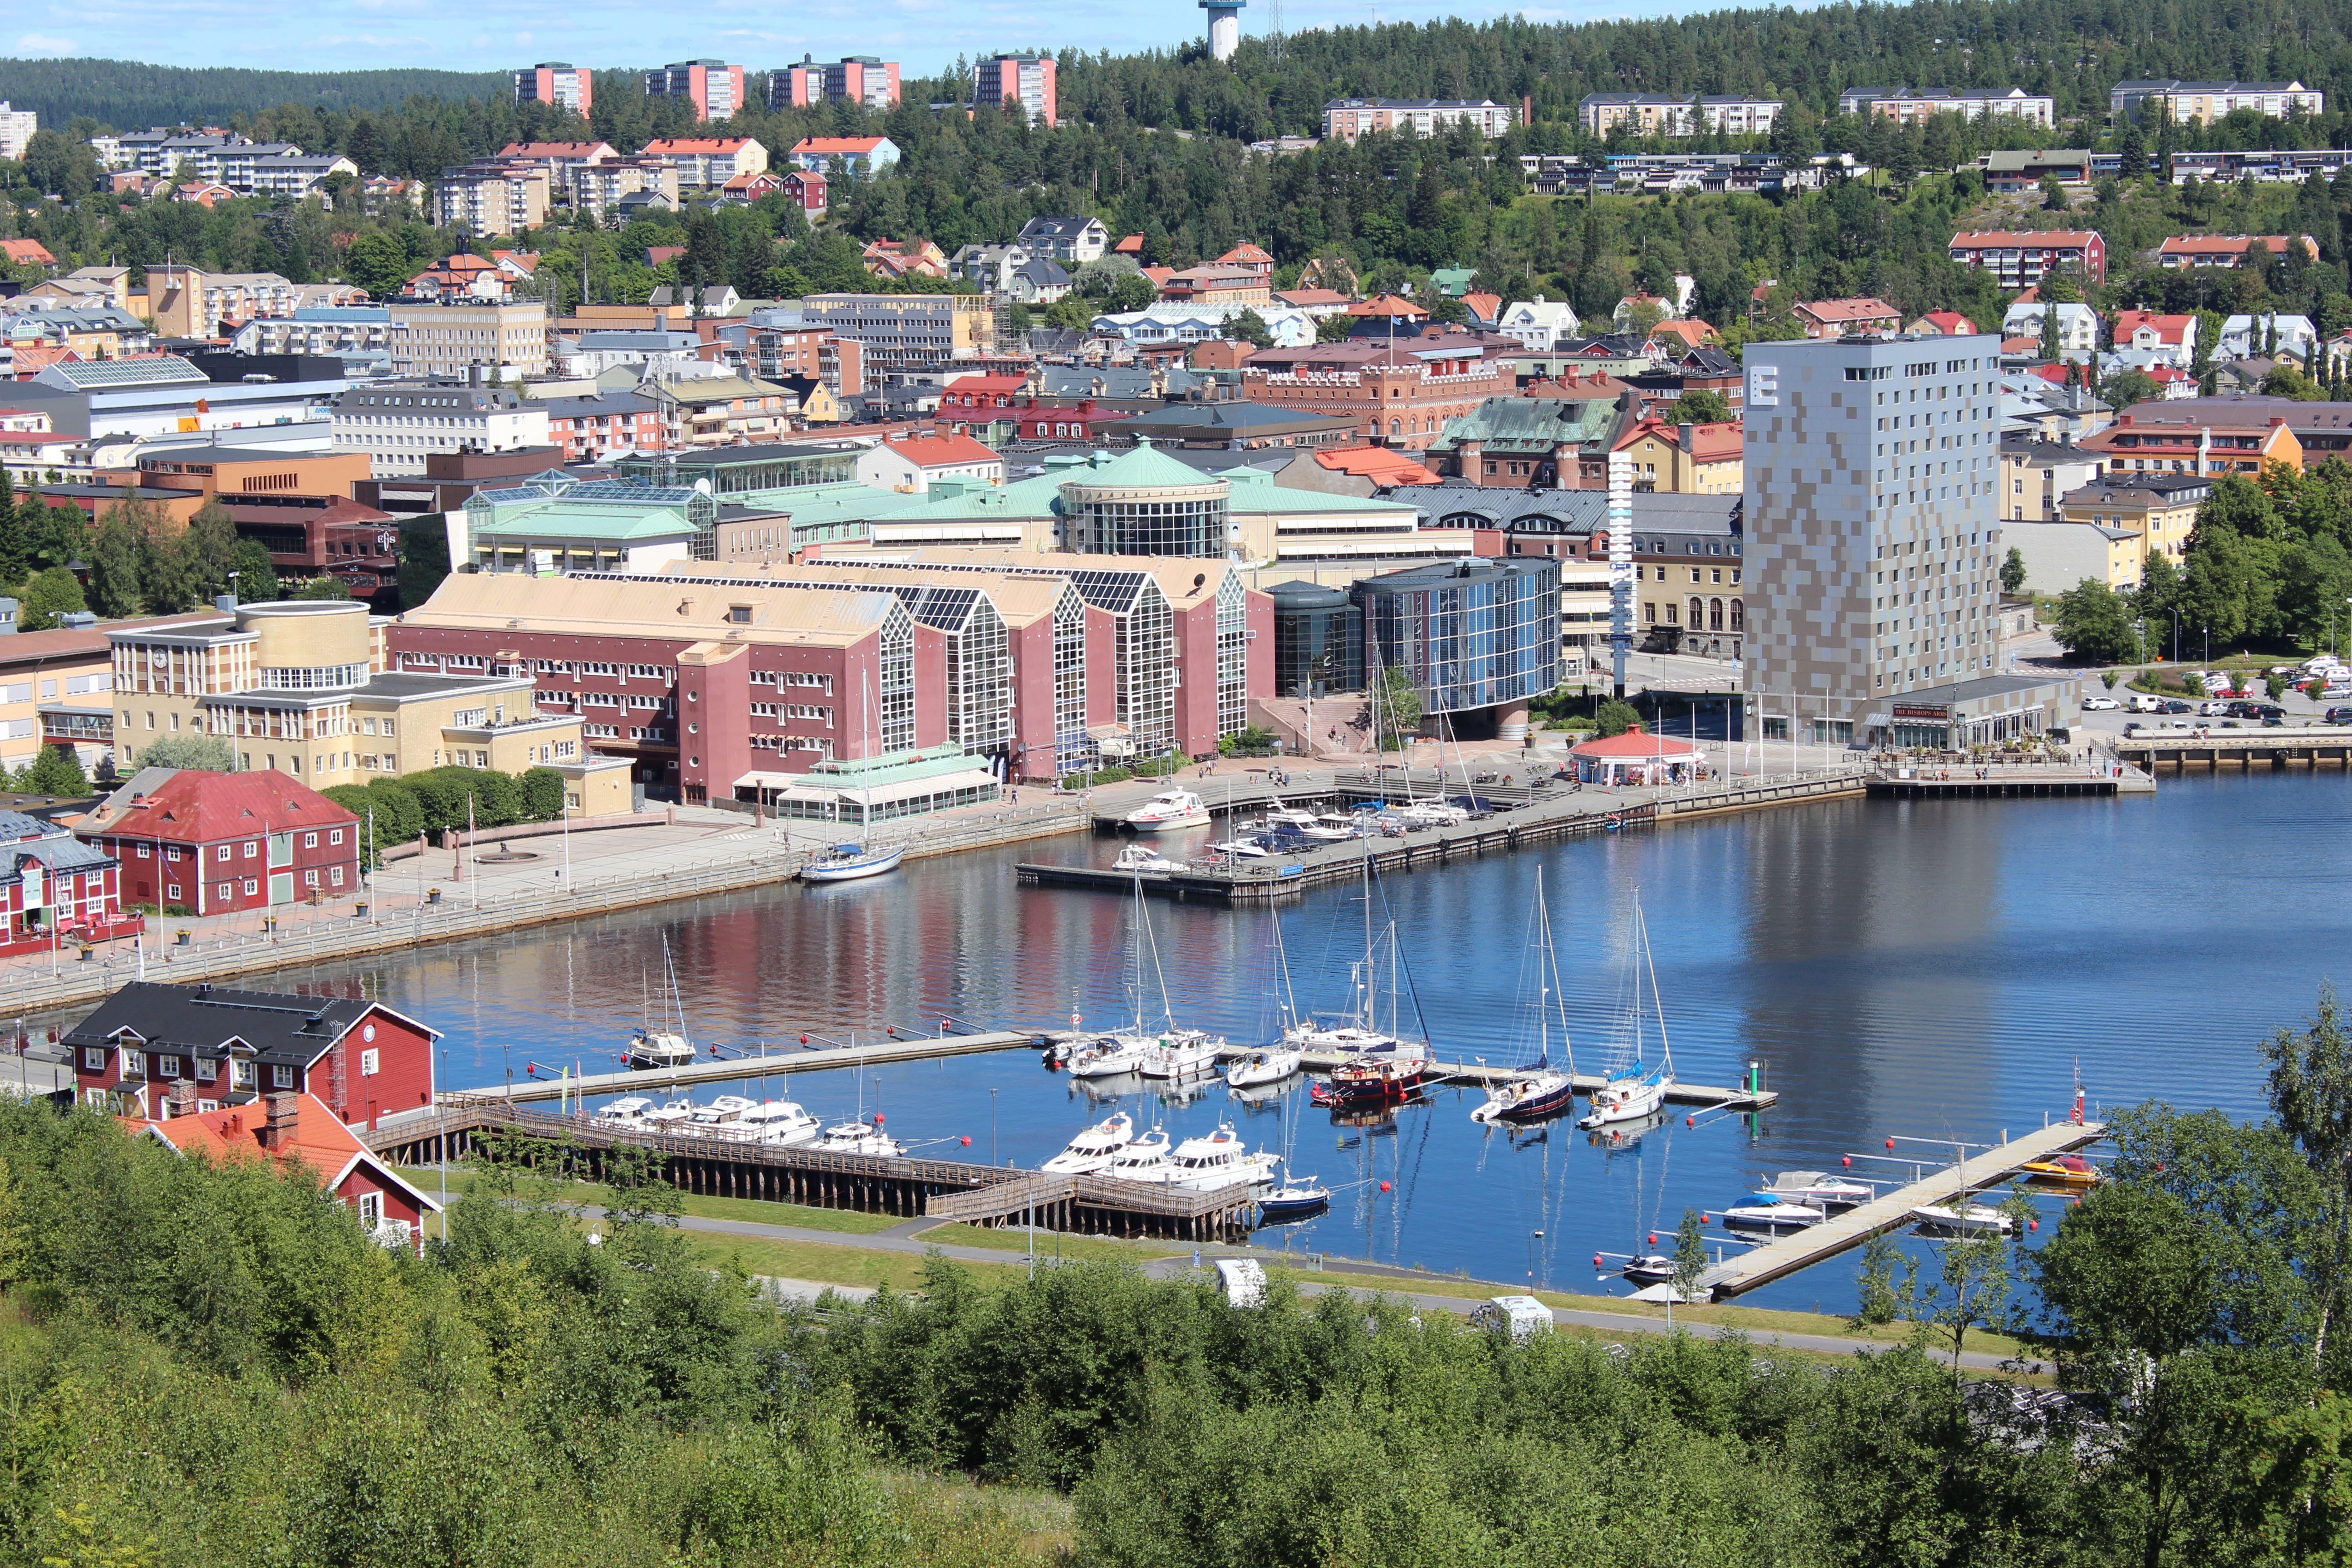 O-Ringen Båtplats City Örnsköldsvik